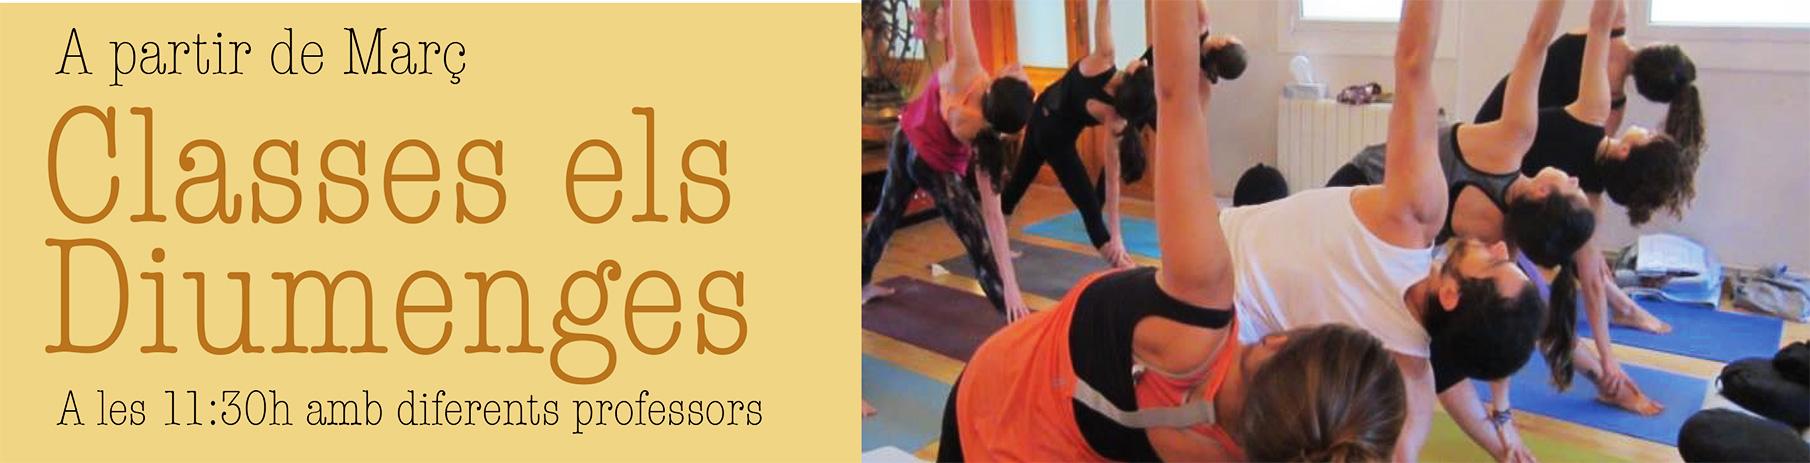 classes_ioga_diumenges